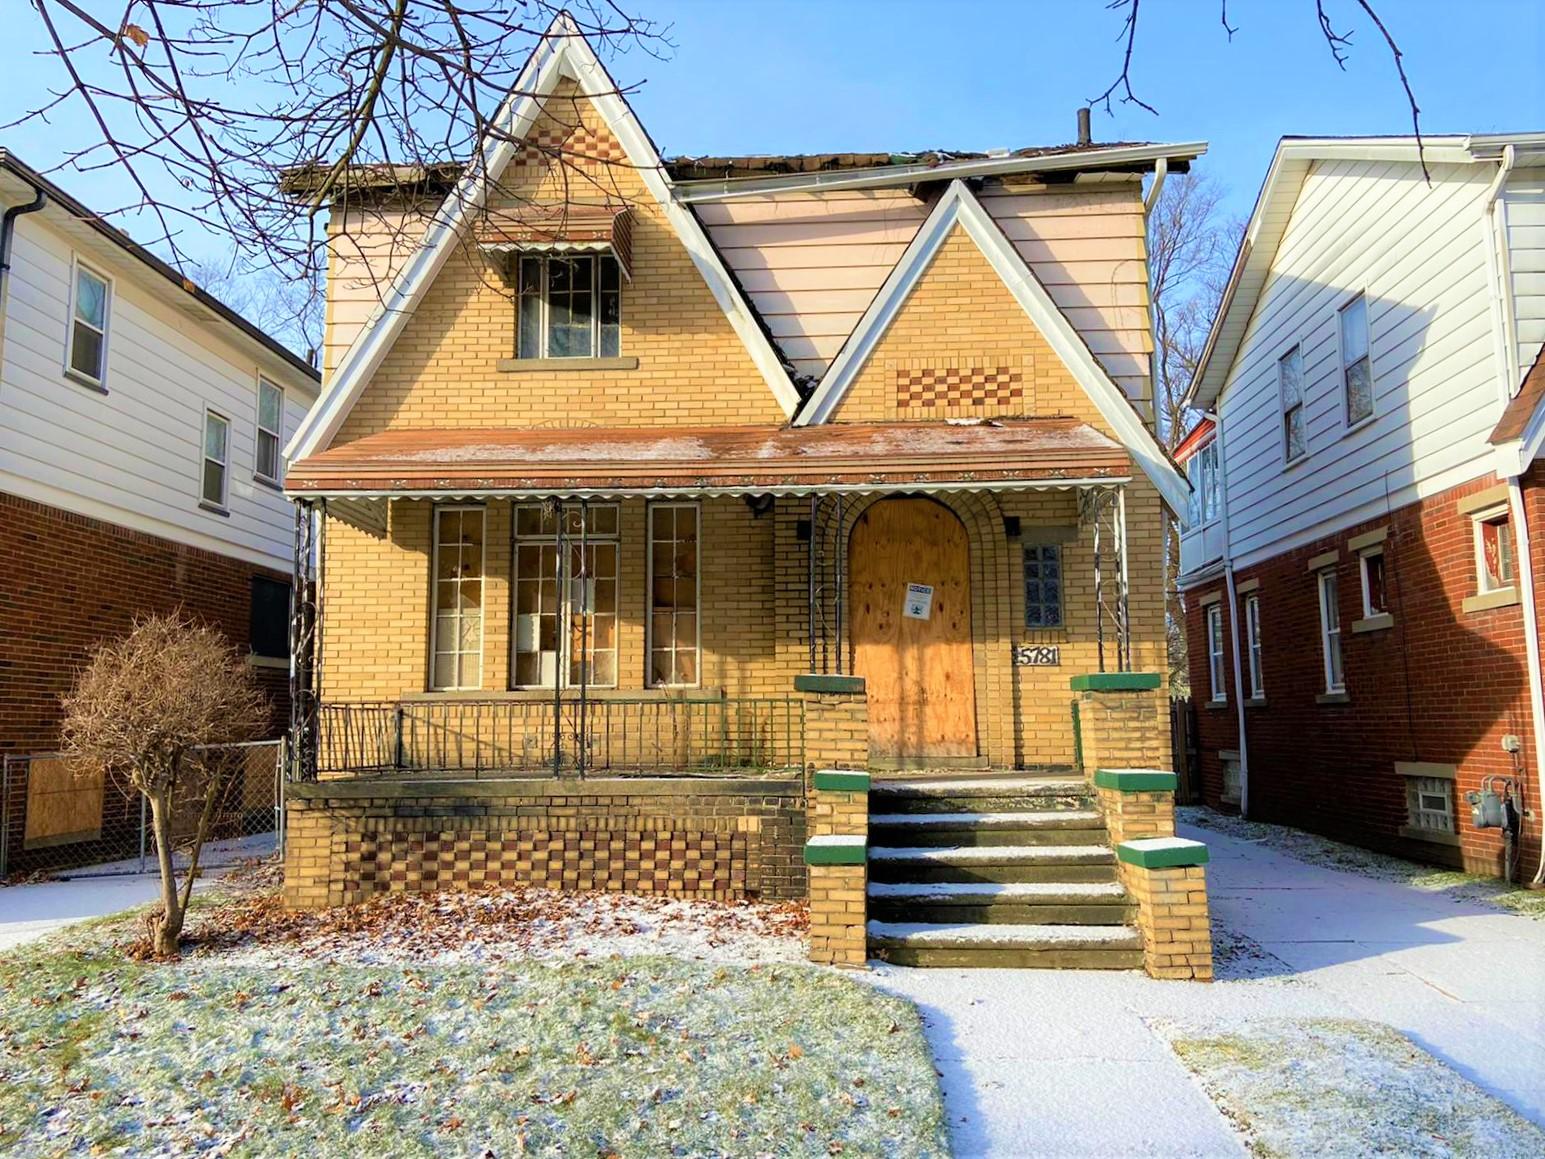 Foto de 15781 LITTLEFIELD ST., Detroit, MI, 48227